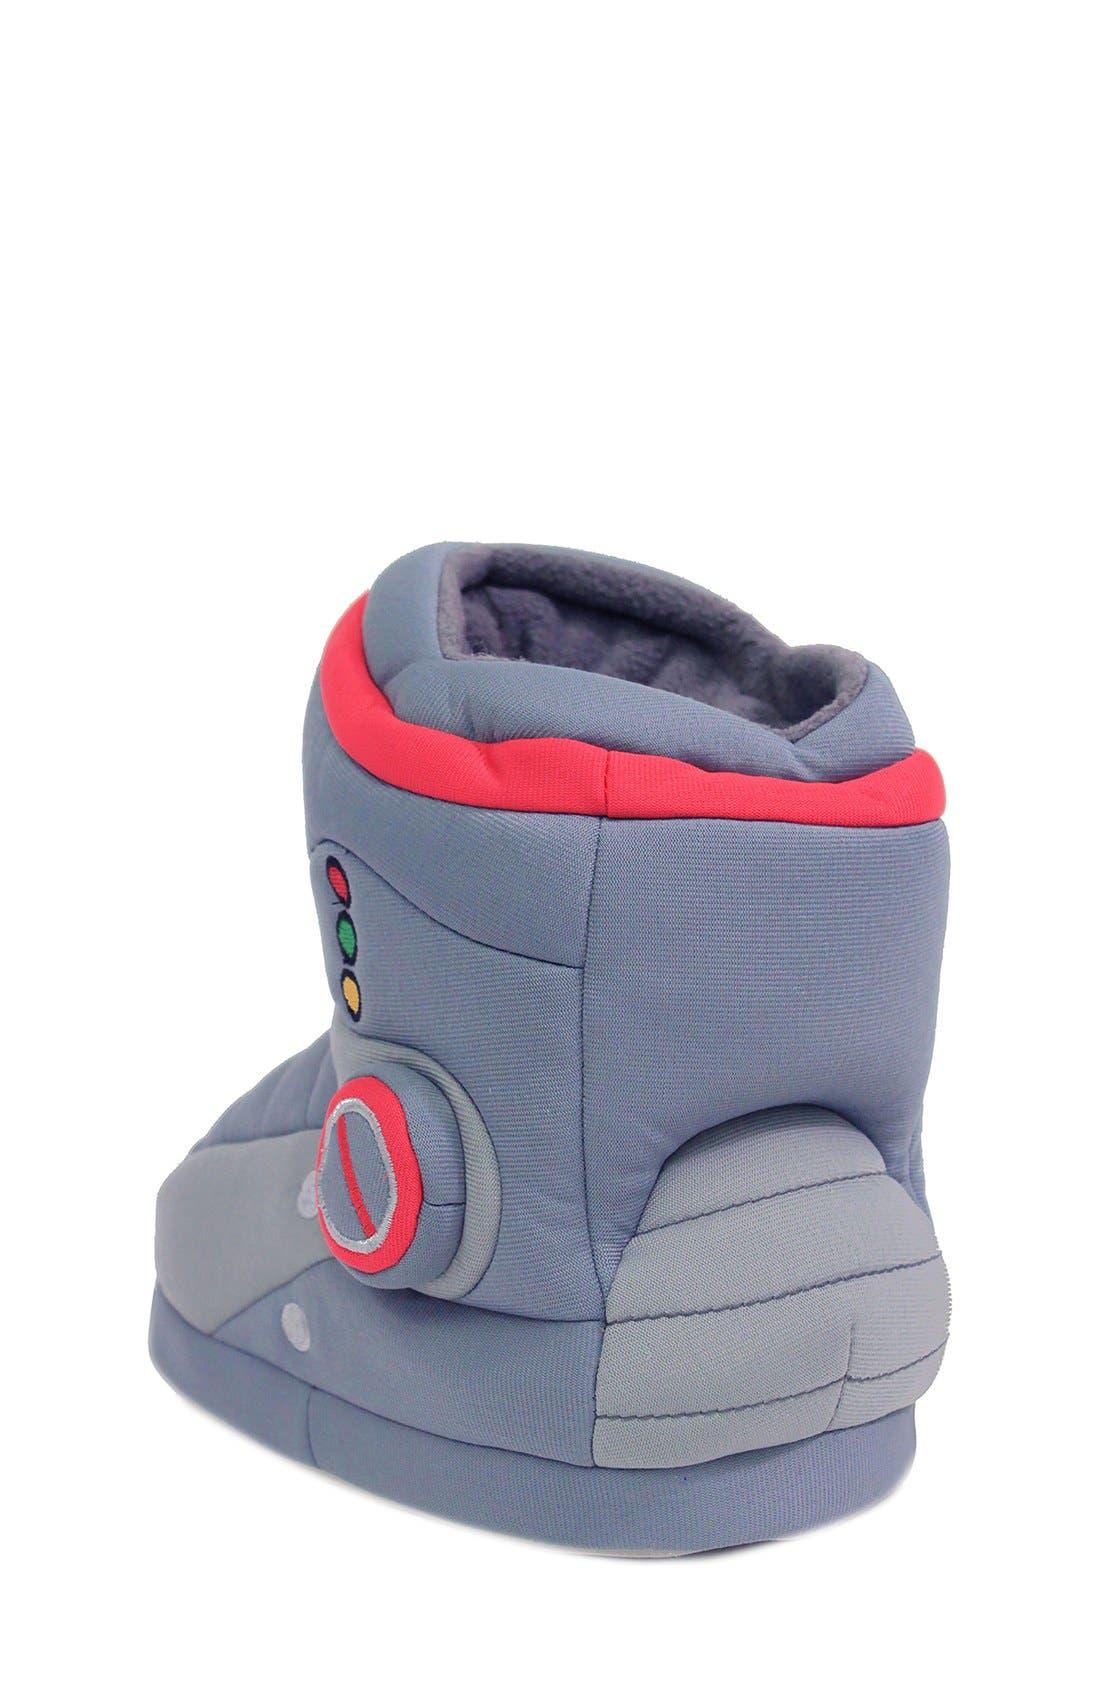 Robot Slipper Boot,                             Alternate thumbnail 2, color,                             020